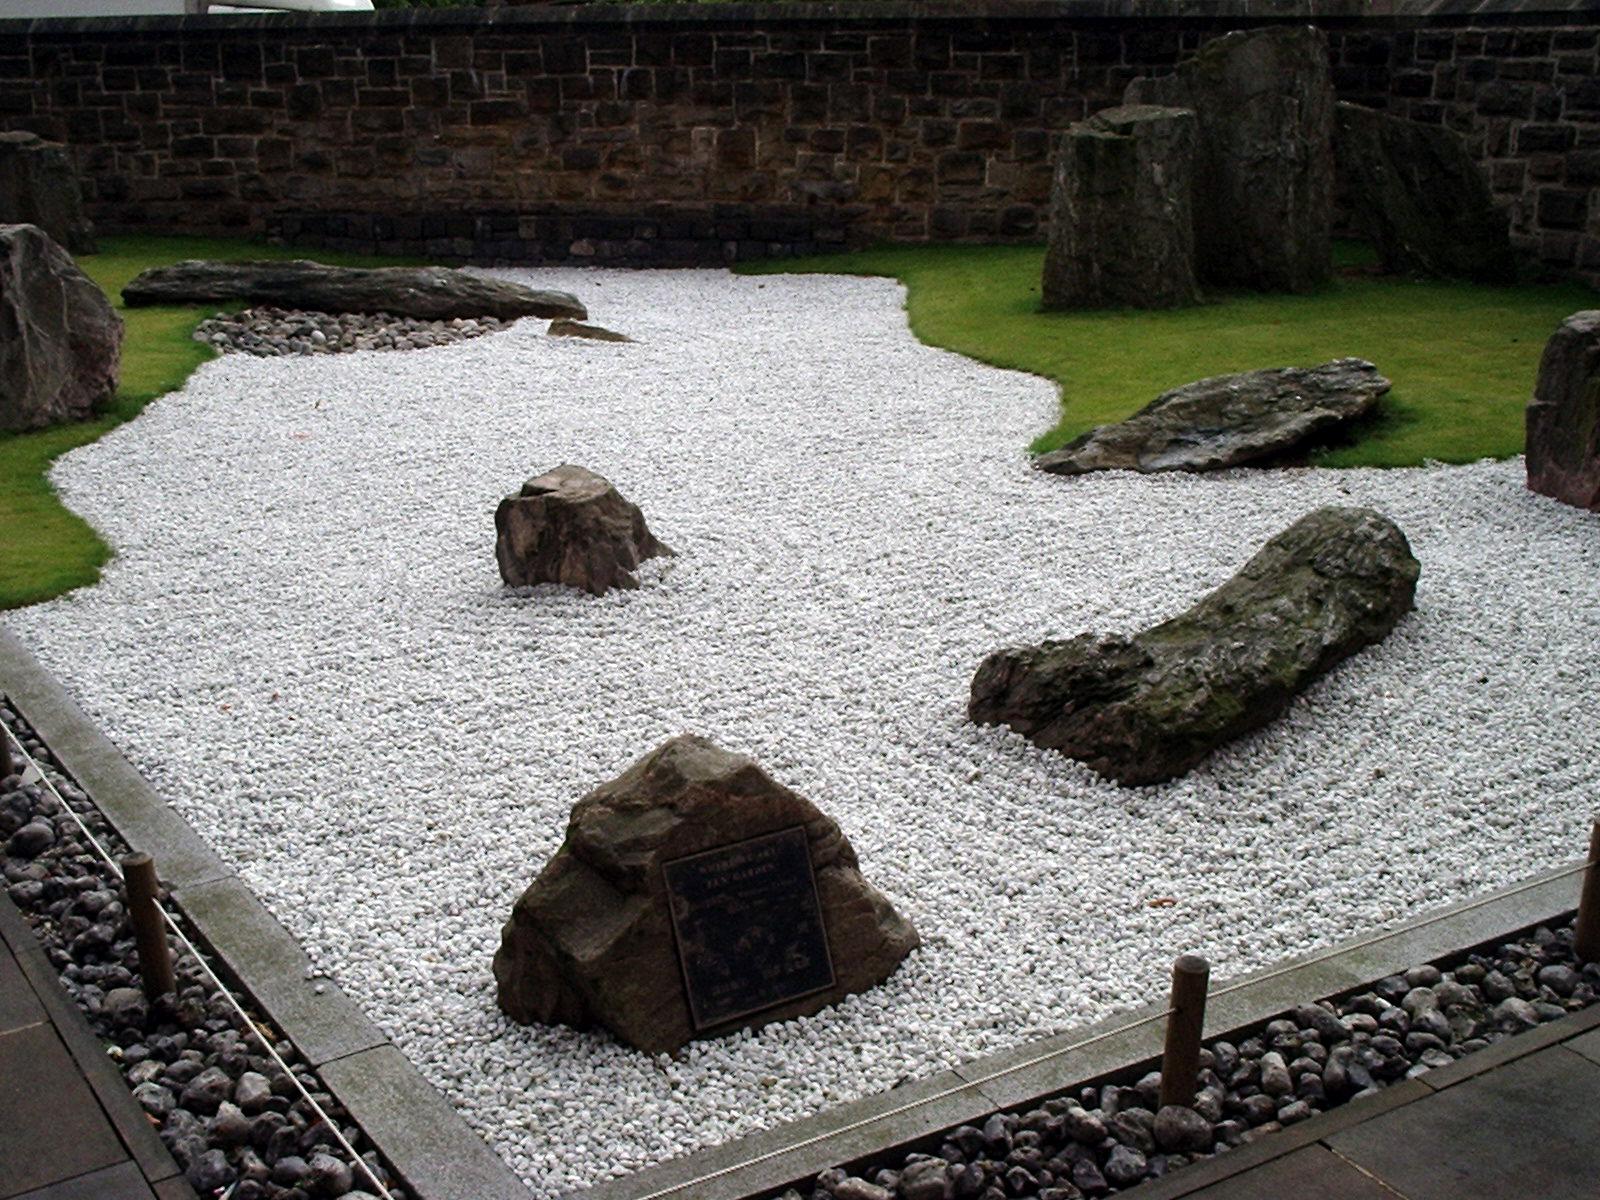 ideias originais jardim : ideias originais jardim:Crie Jardim: Idéias para jardins – jardim zen